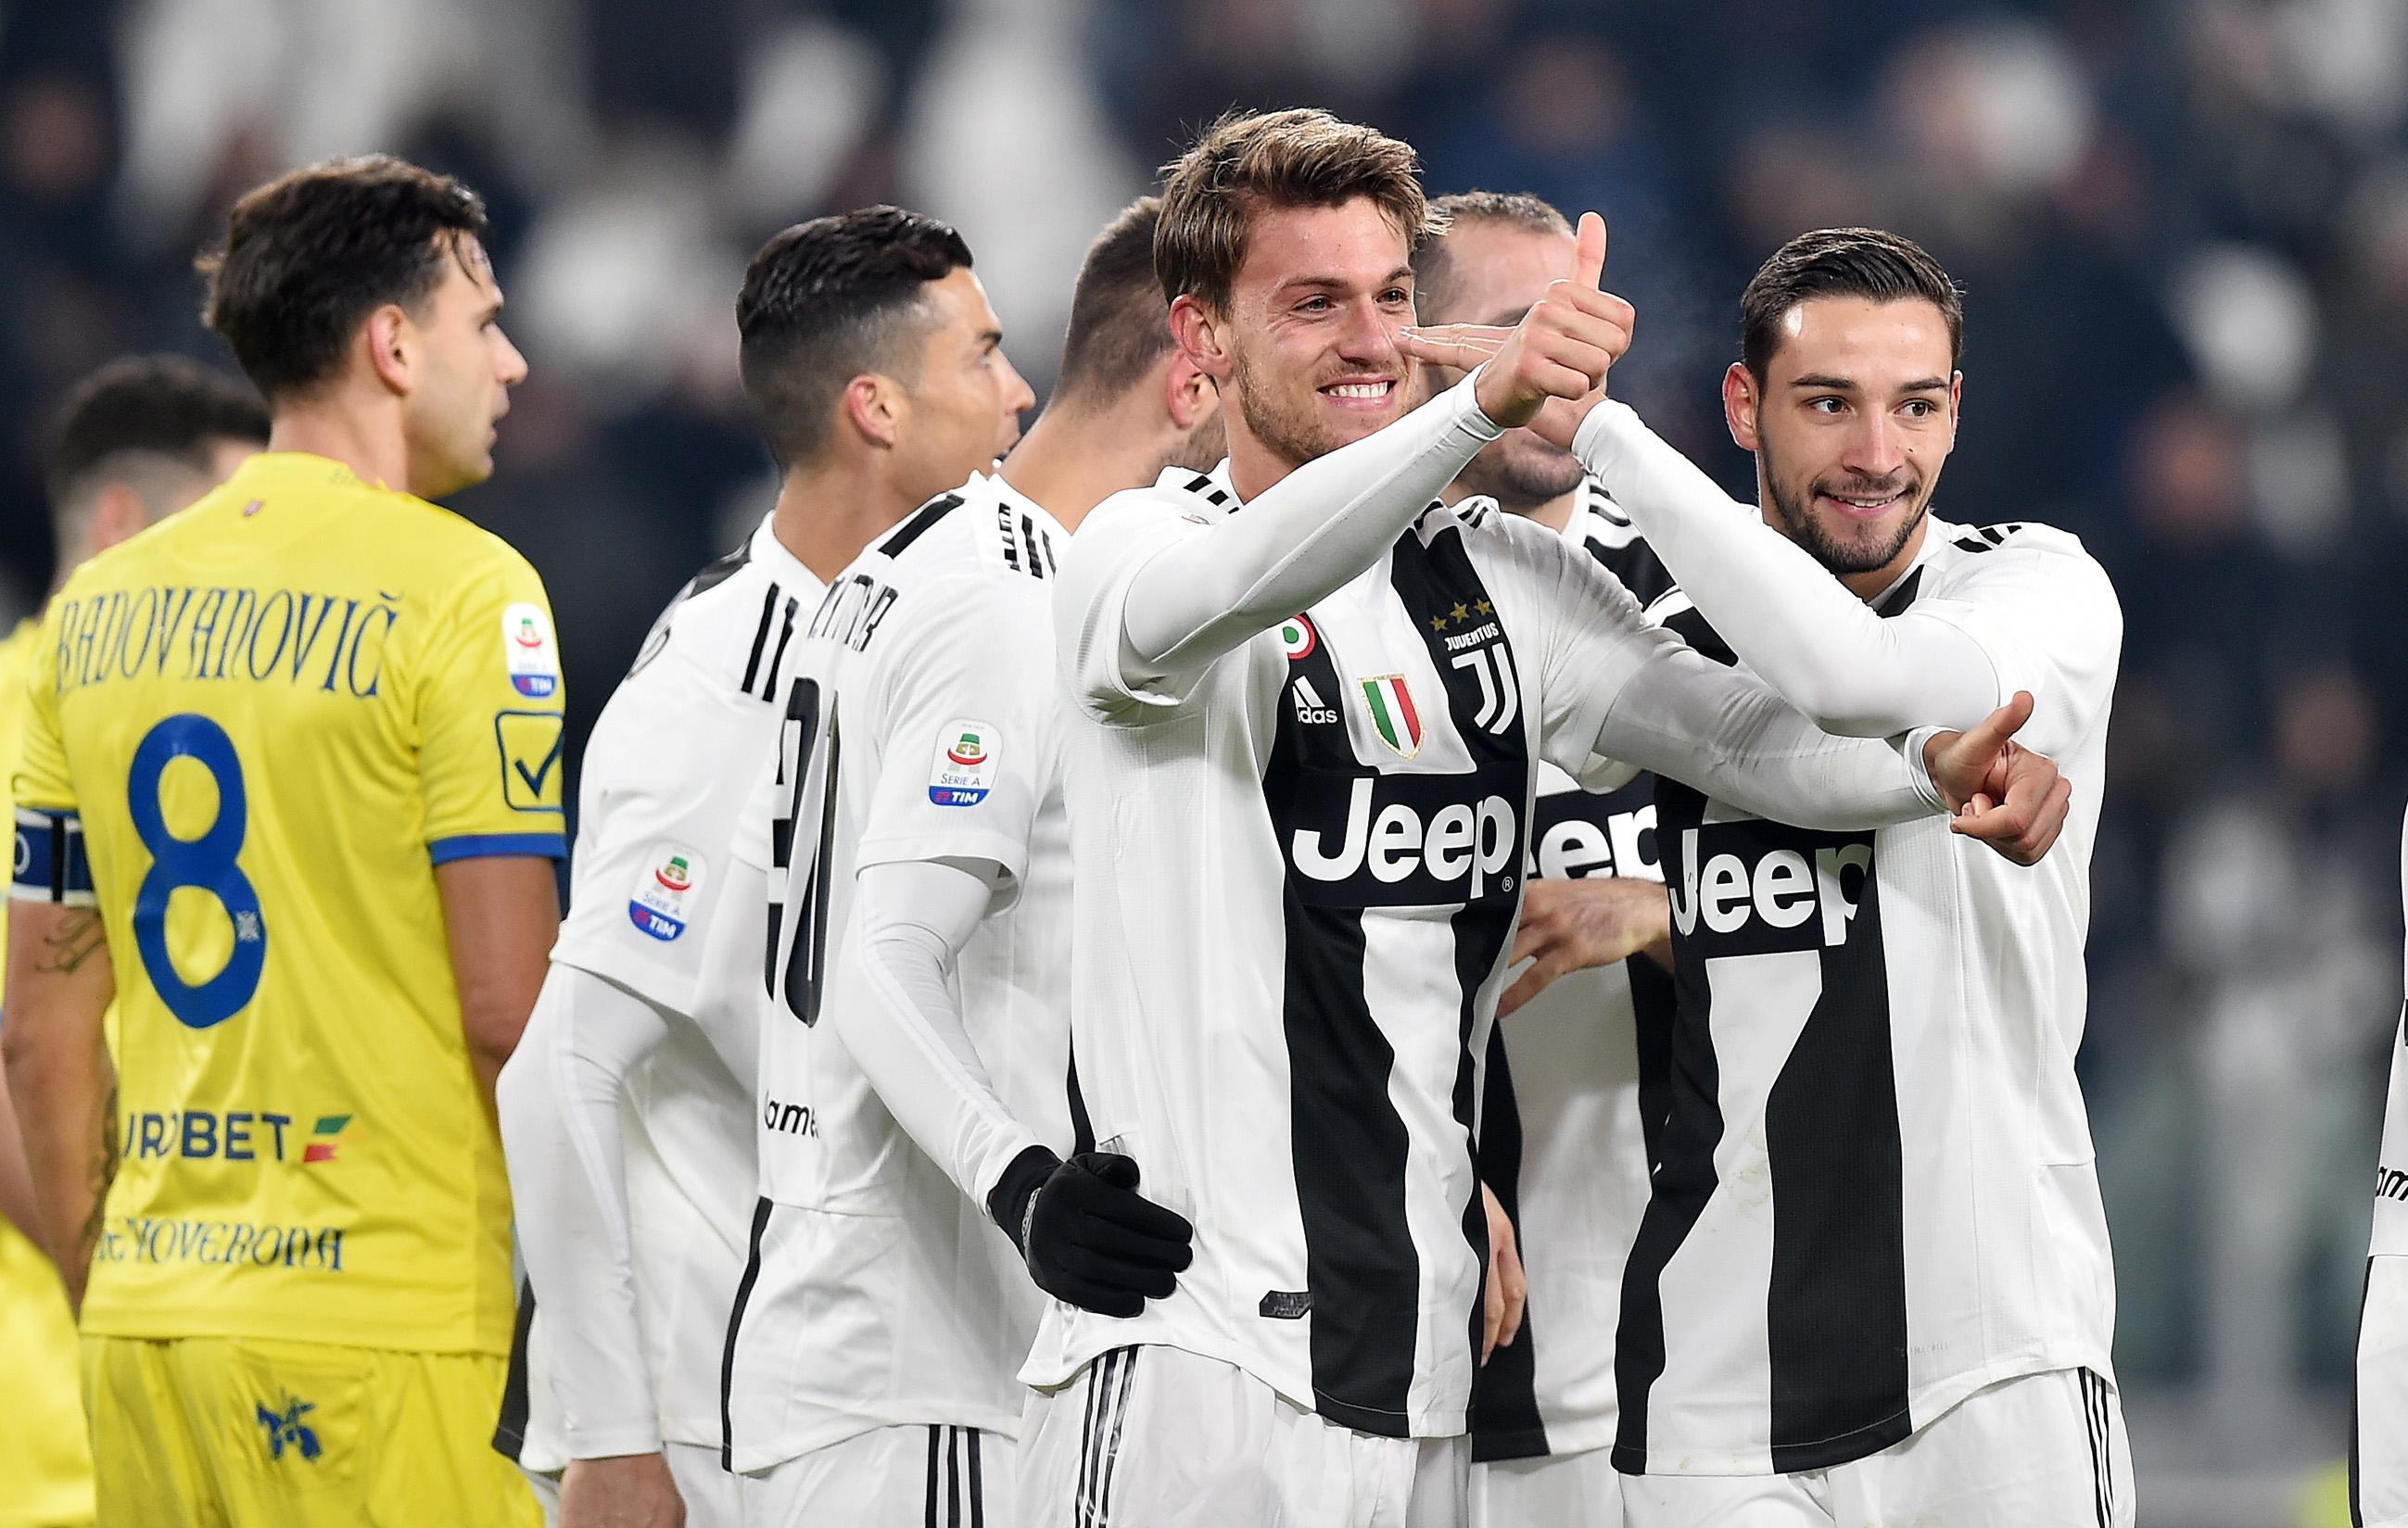 Juventus vence Chievo por 3-0 e Cristiano Ronaldo falhou um penálti